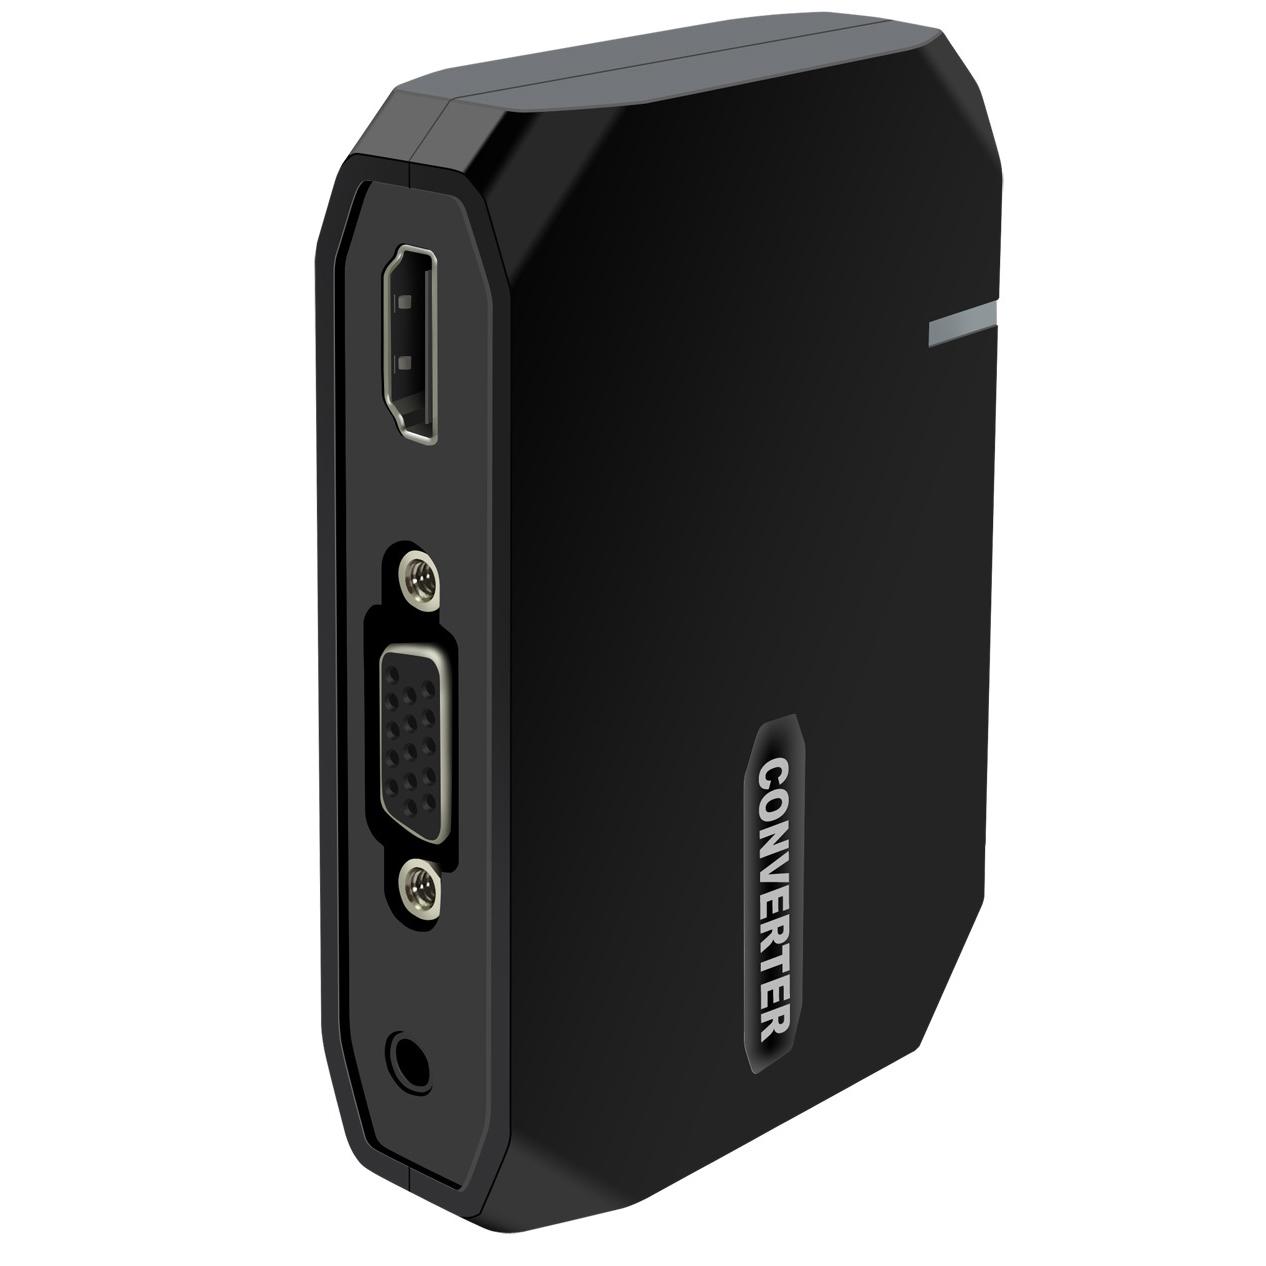 Cáp MHL to HDMI & VGA/ AV cho iPhone, iPad cổng lightning - P10658